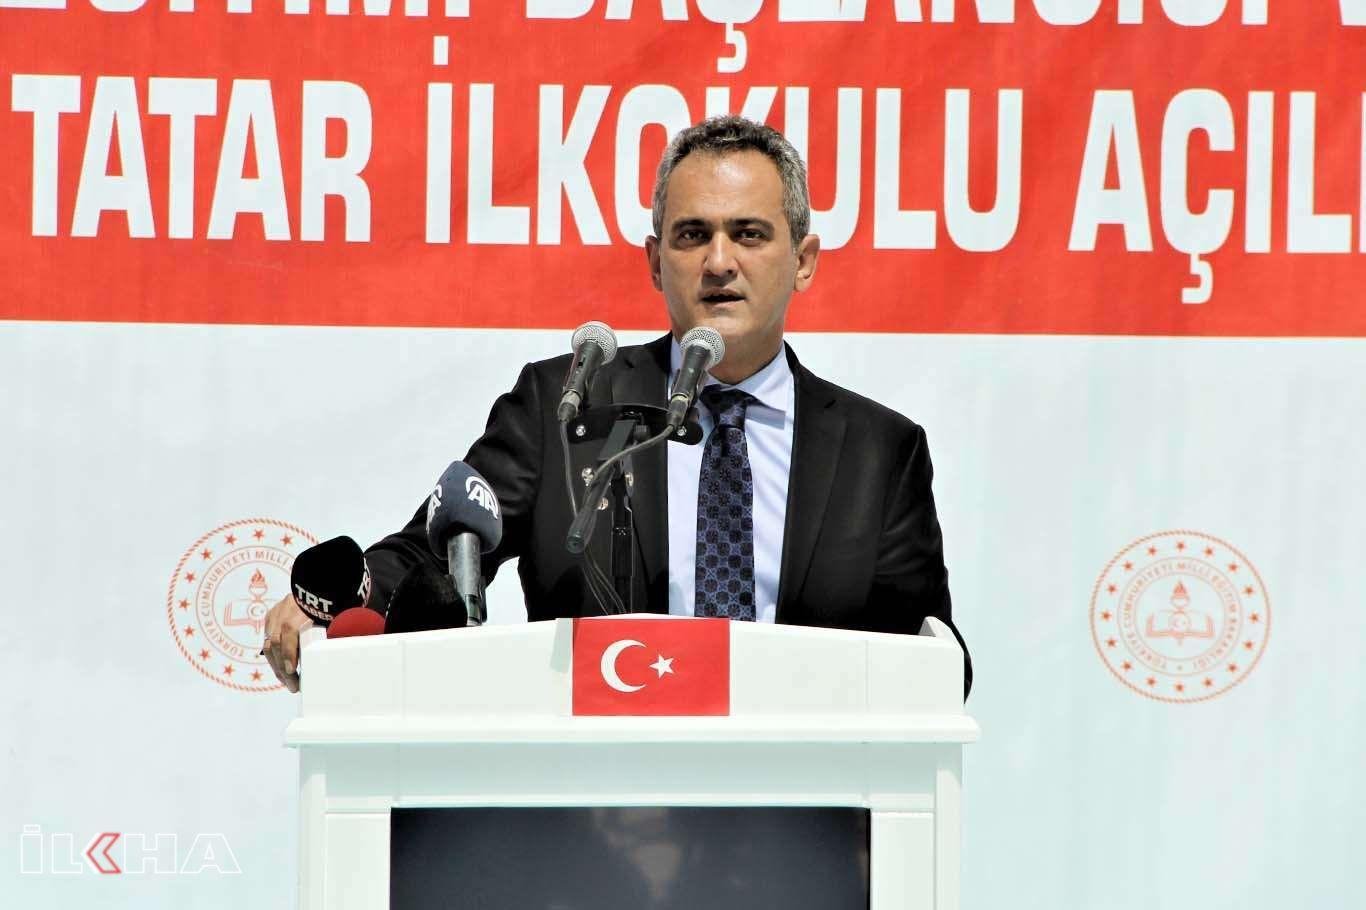 Milli Eğitim Bakanı Özer: Kurallara riayet edersek okullarımızı açık tutmaya devam edebiliriz